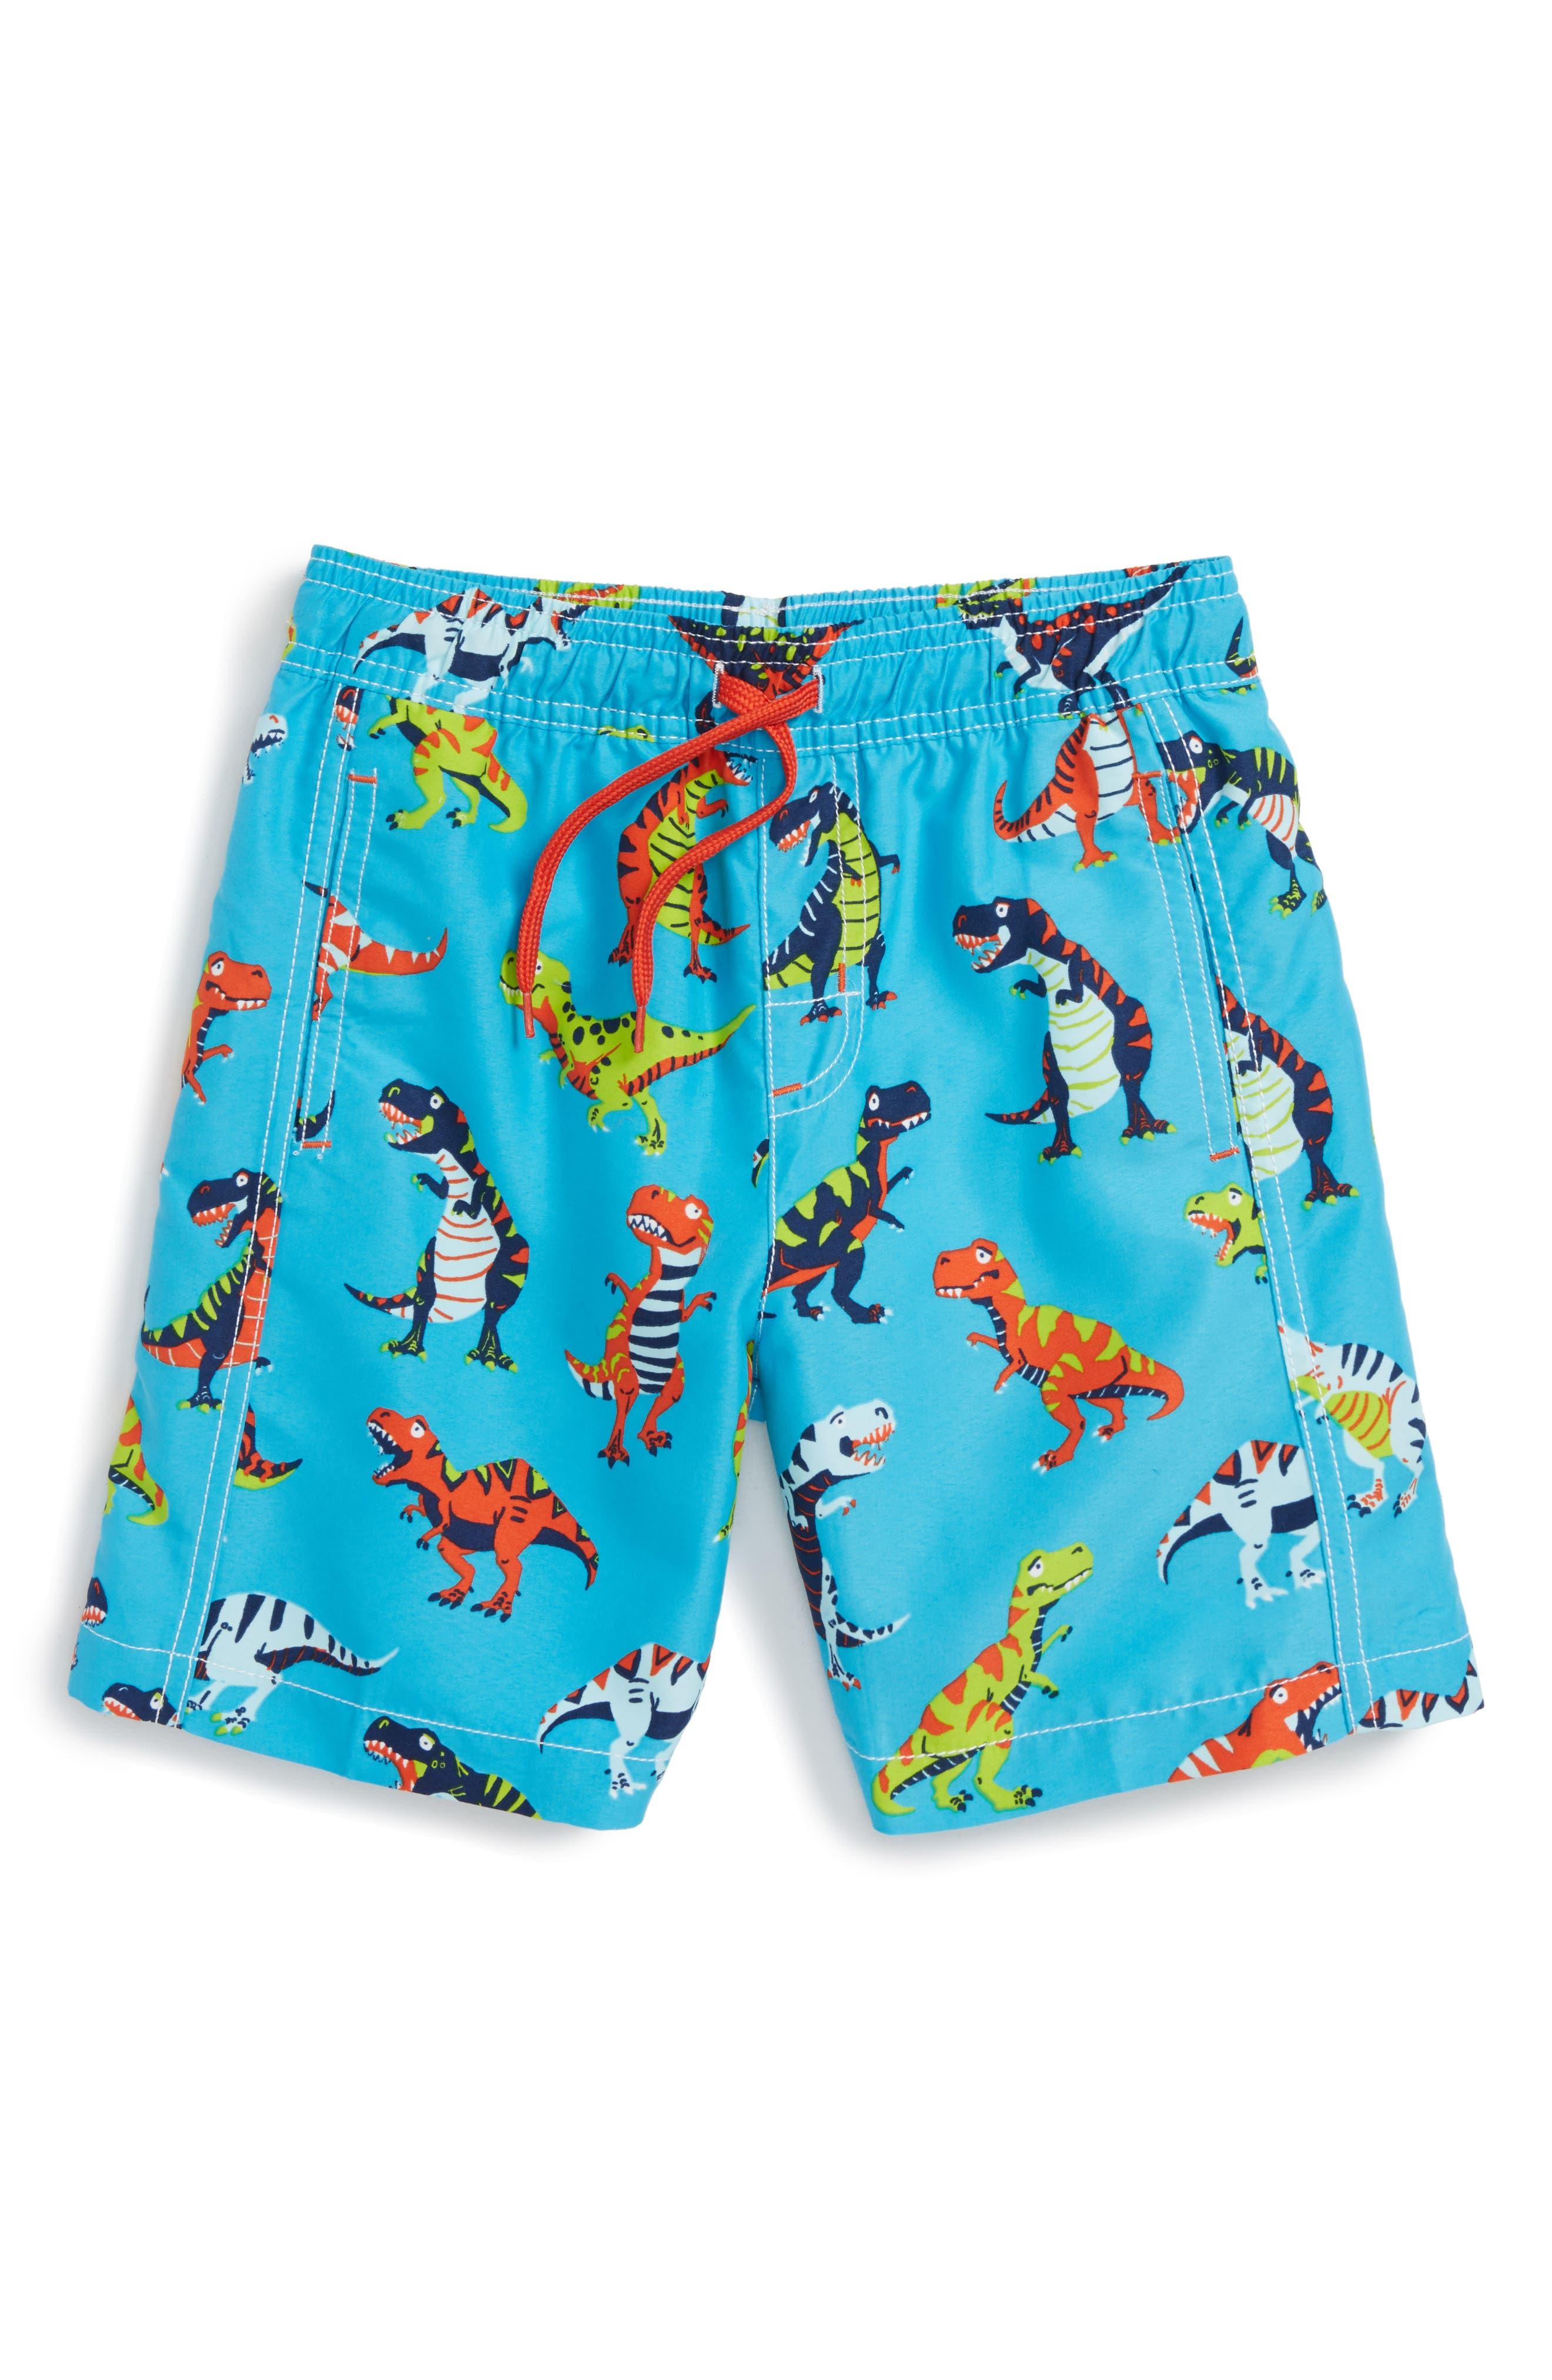 Roaring T-Rex Swim Trunks,                             Main thumbnail 1, color,                             400